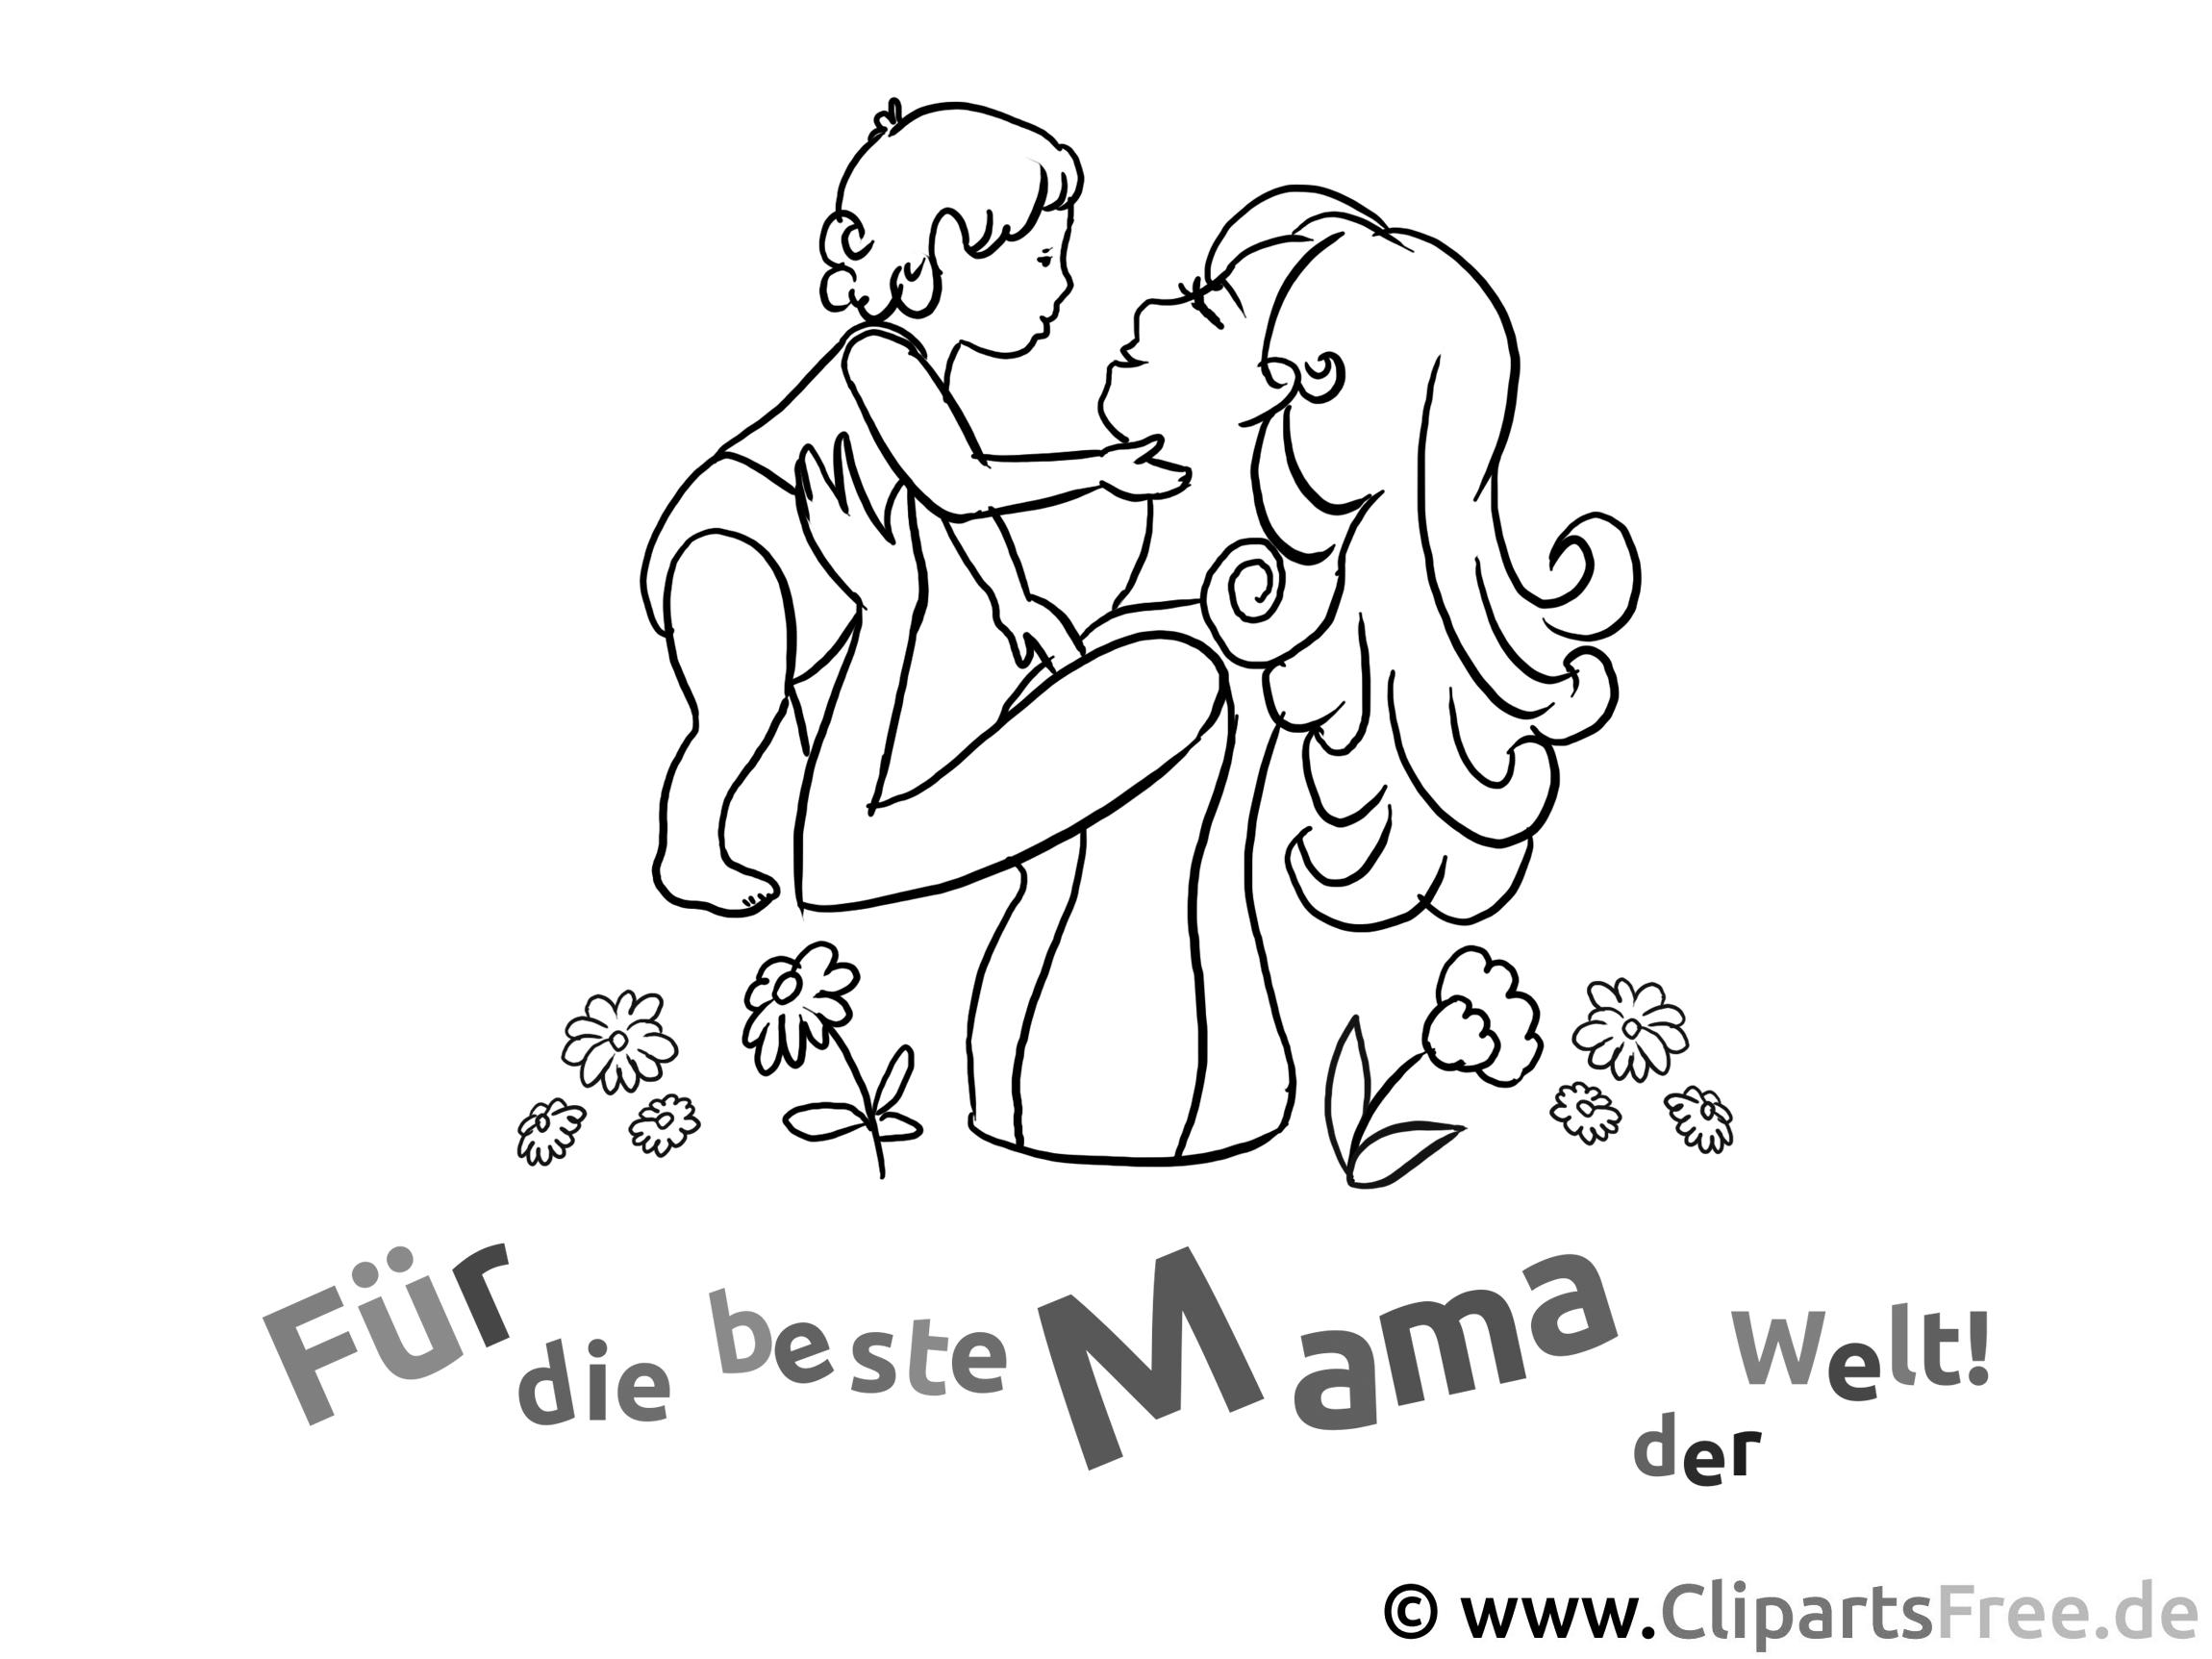 Mutter mit Kind - Ausmalbilder zum Muttertag